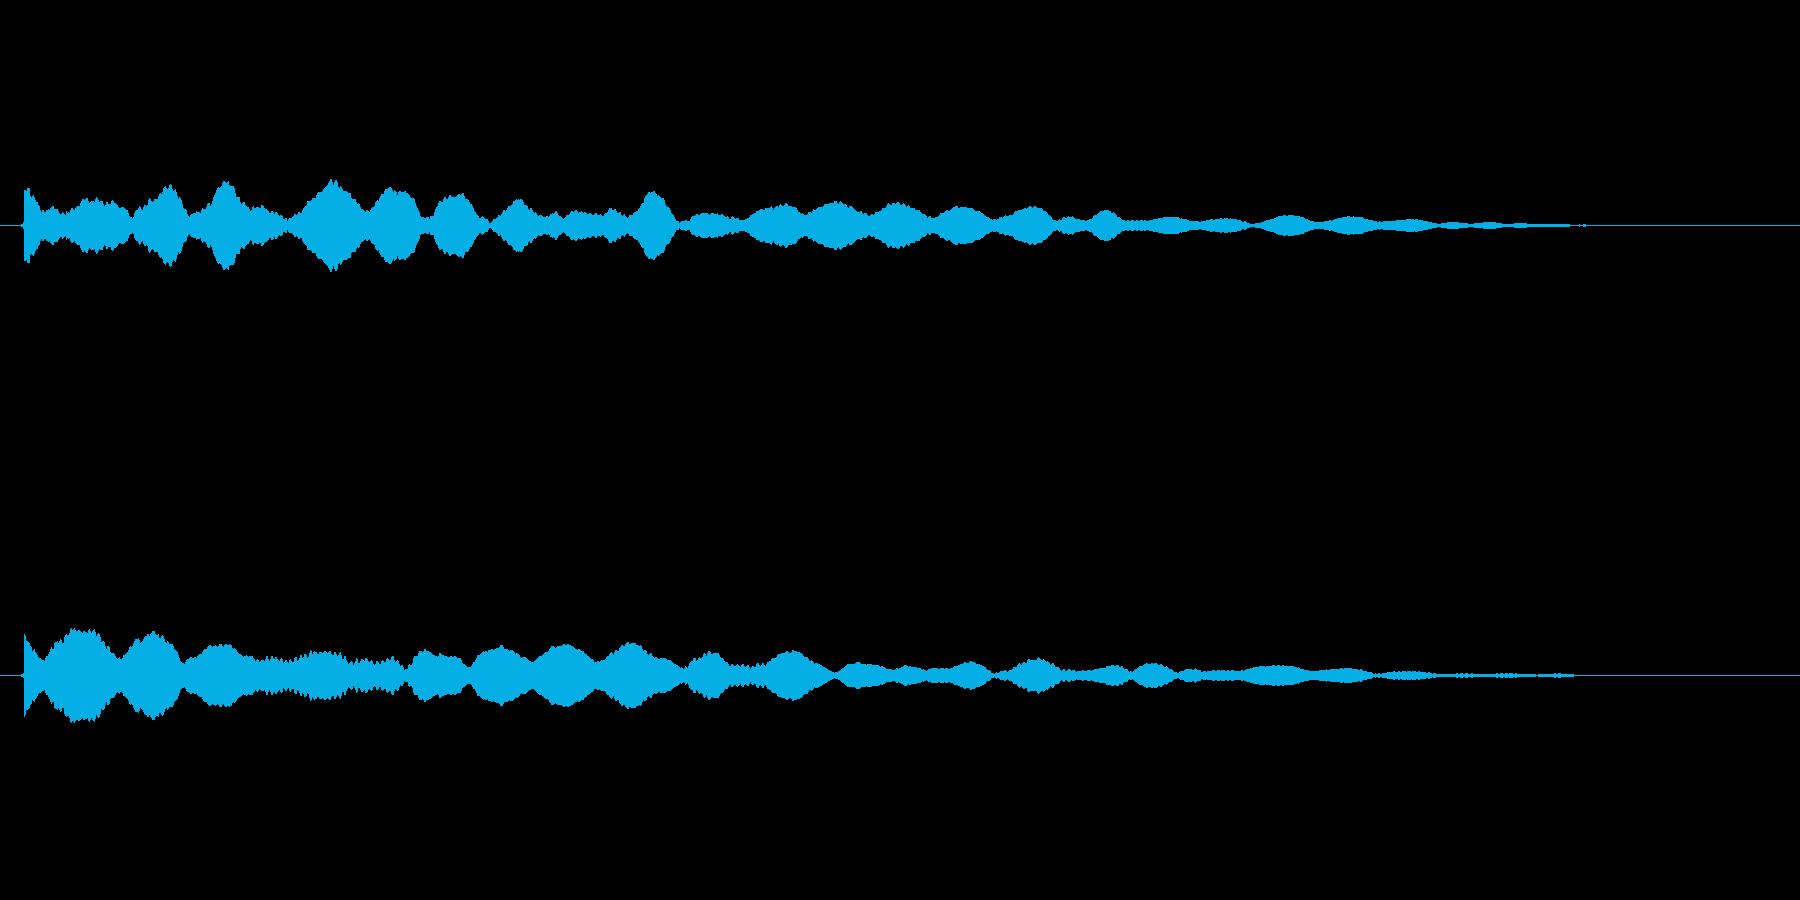 キラキラ系_104の再生済みの波形